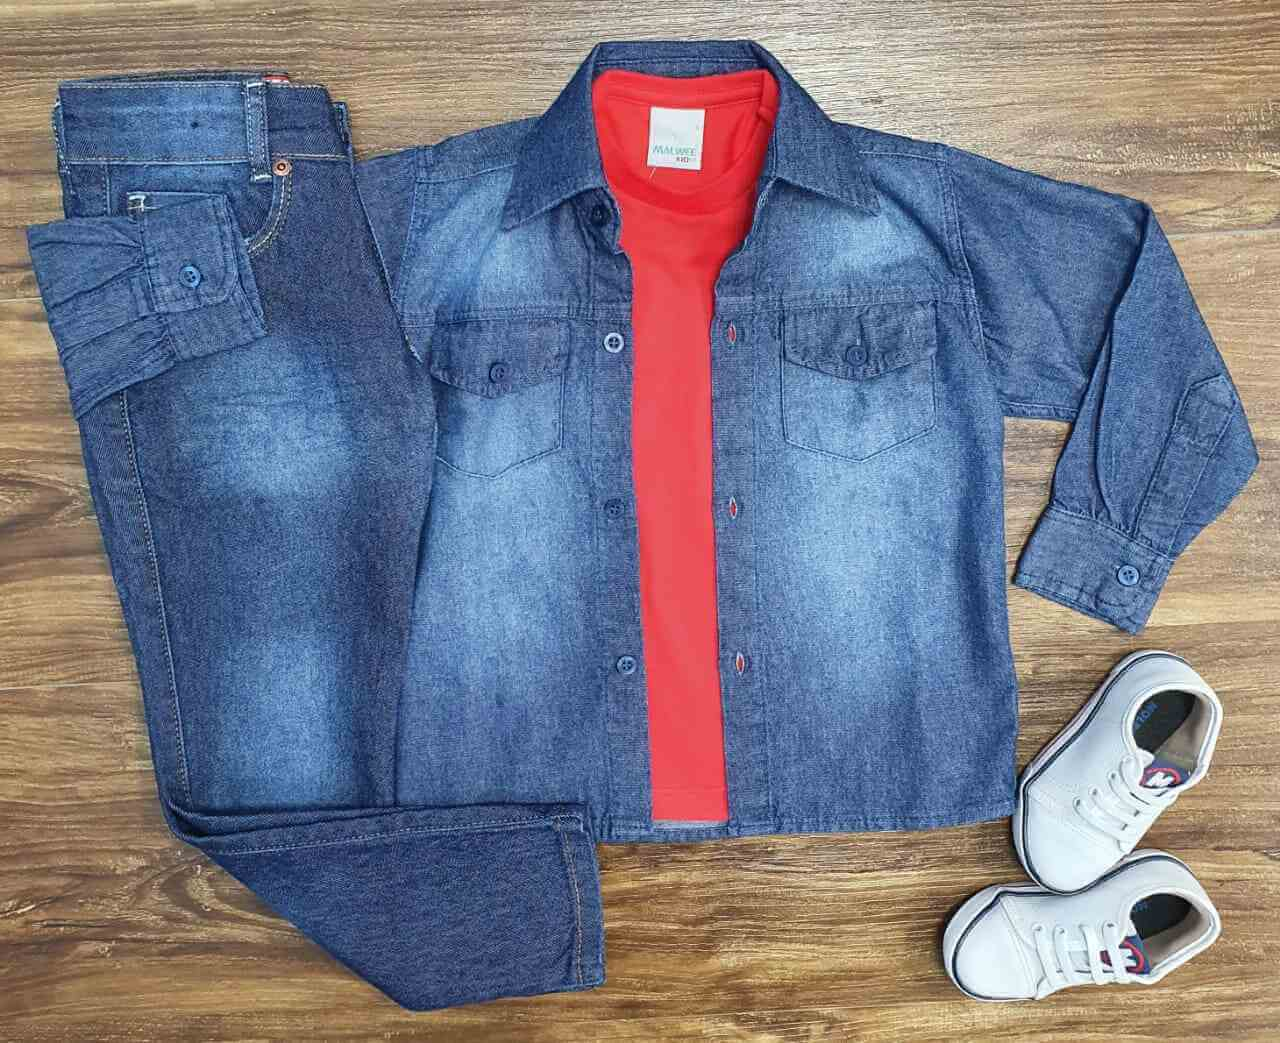 Camisa Jeans com Camiseta Vermelha e Calça Infantil